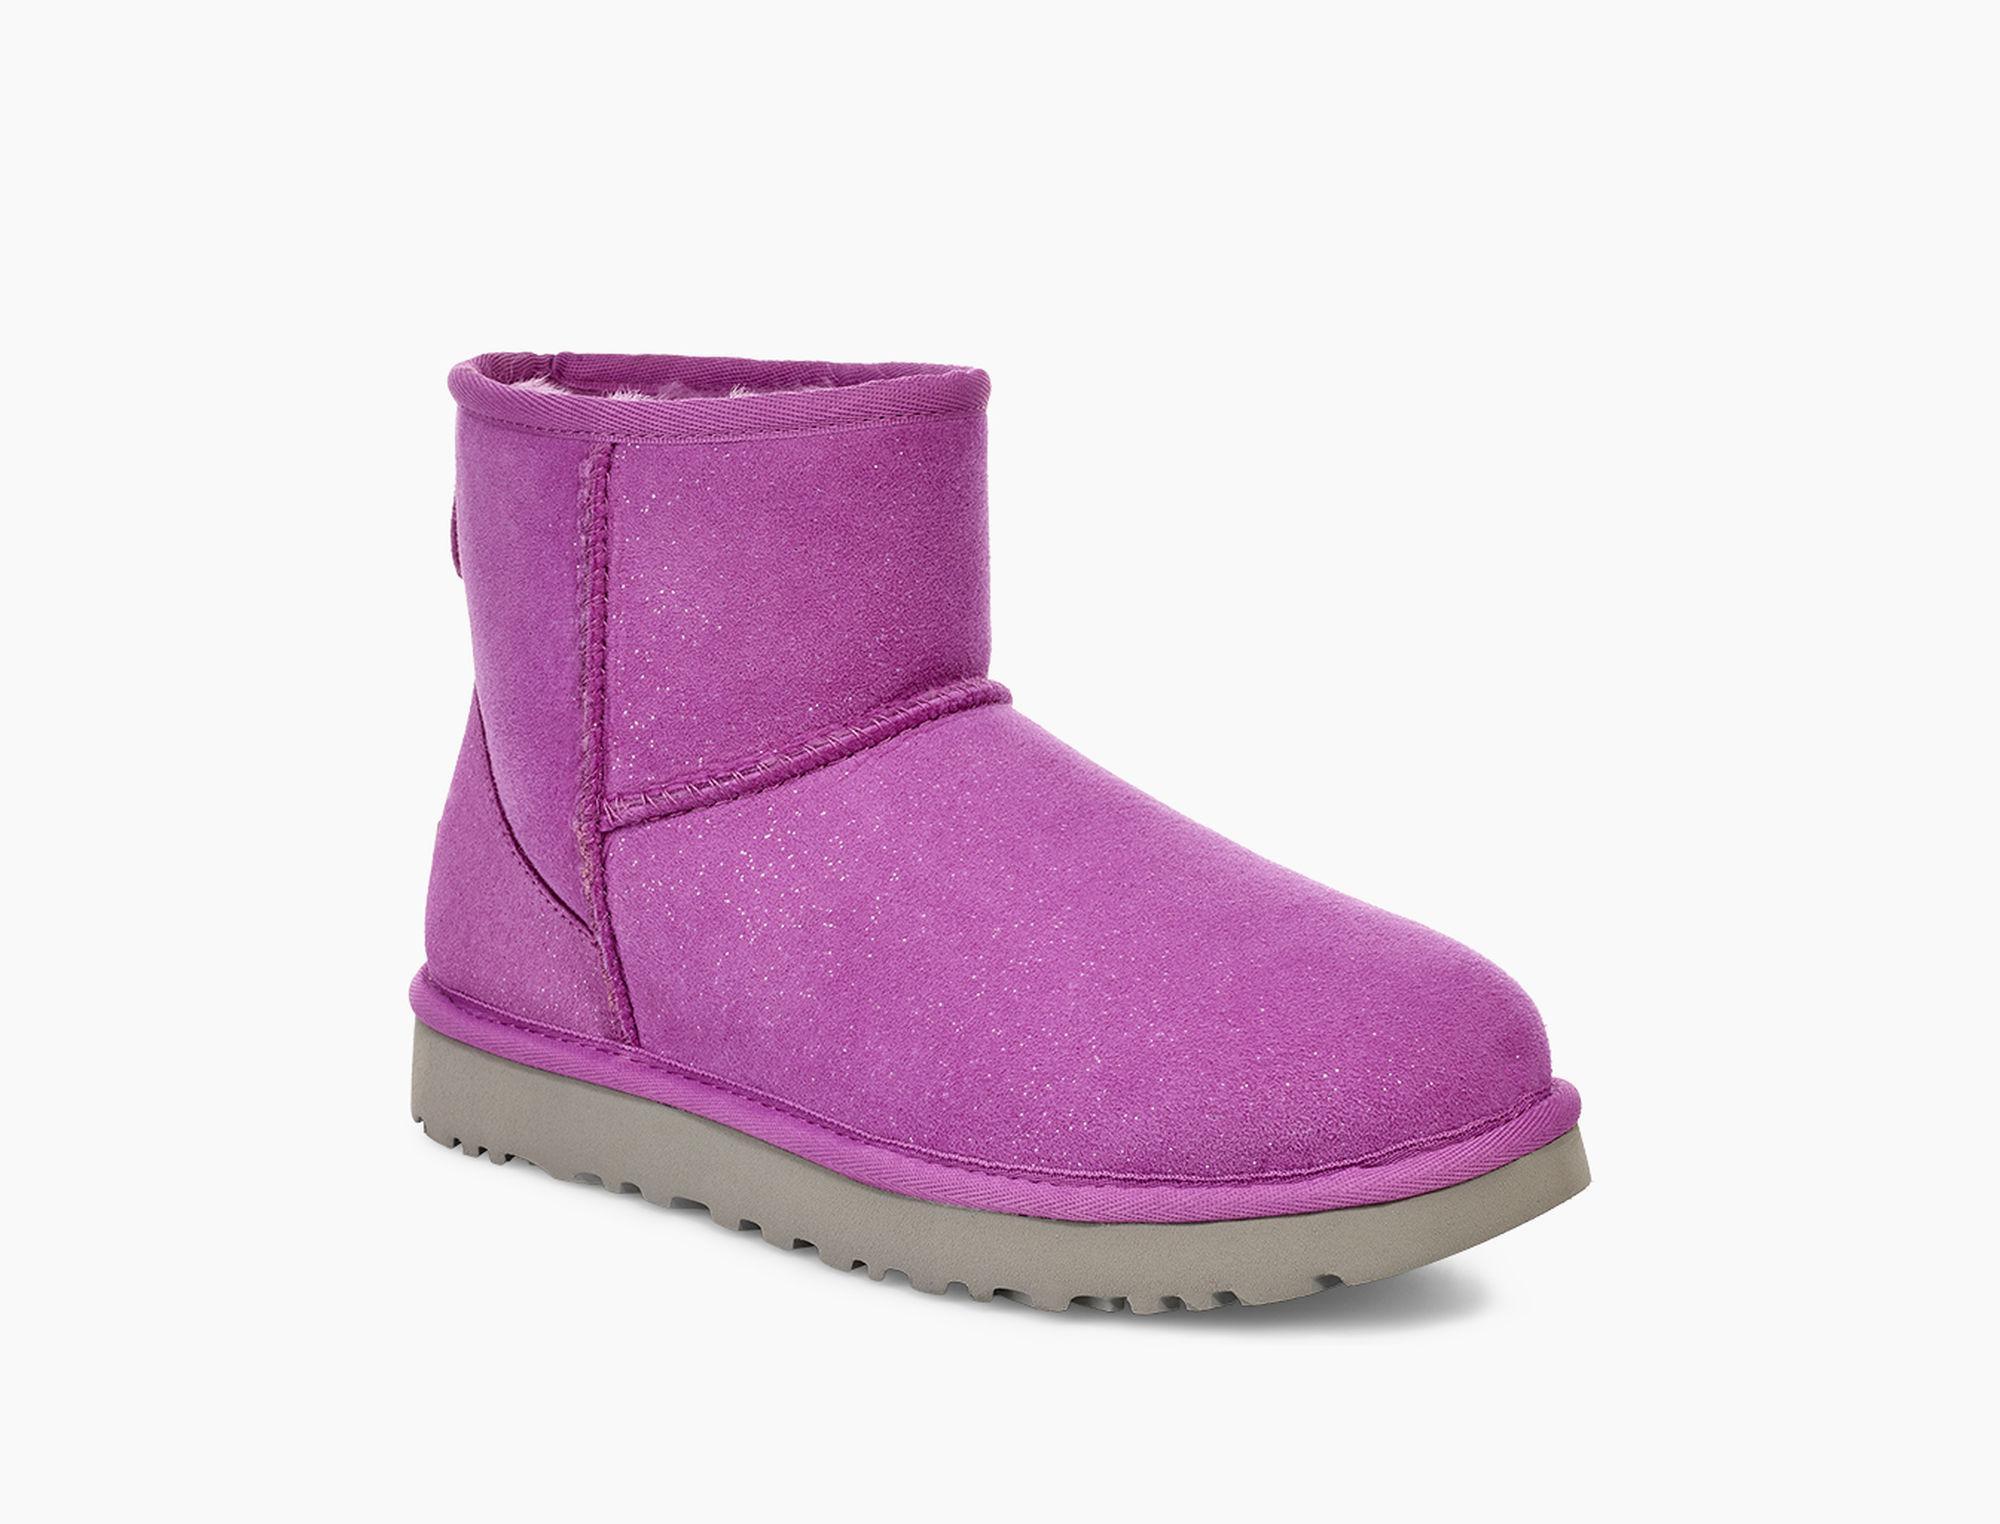 lyst ugg classic mini milky way classic mini milky way in purple rh lyst com